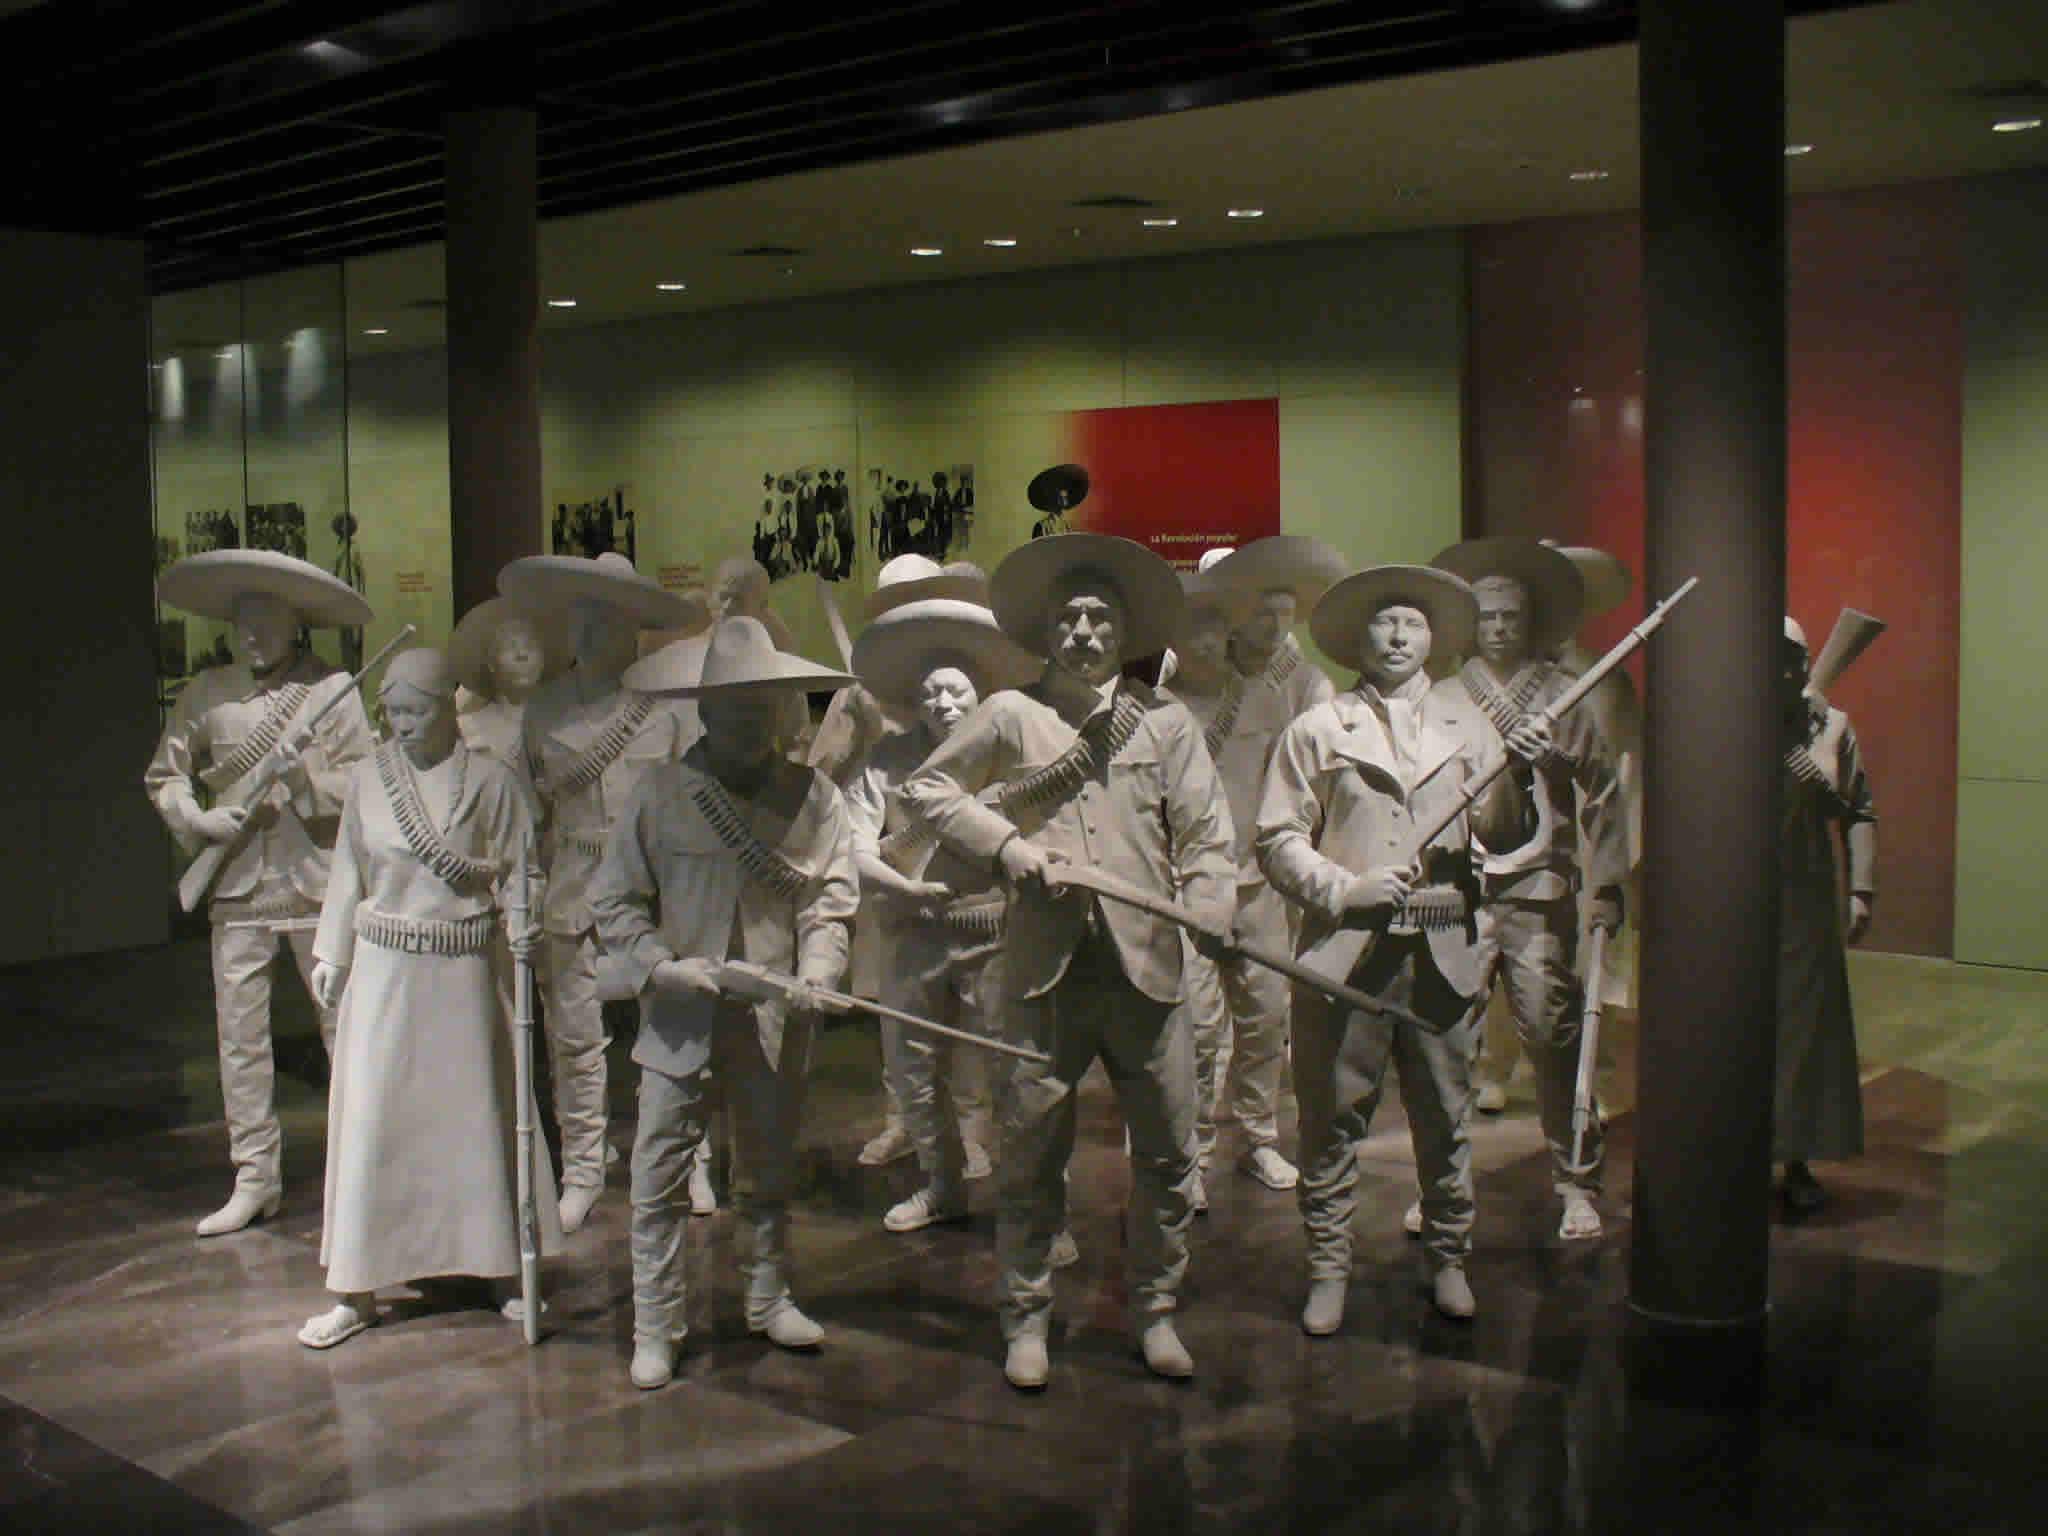 Museo Nacional de la Revolución, Ciudad de México